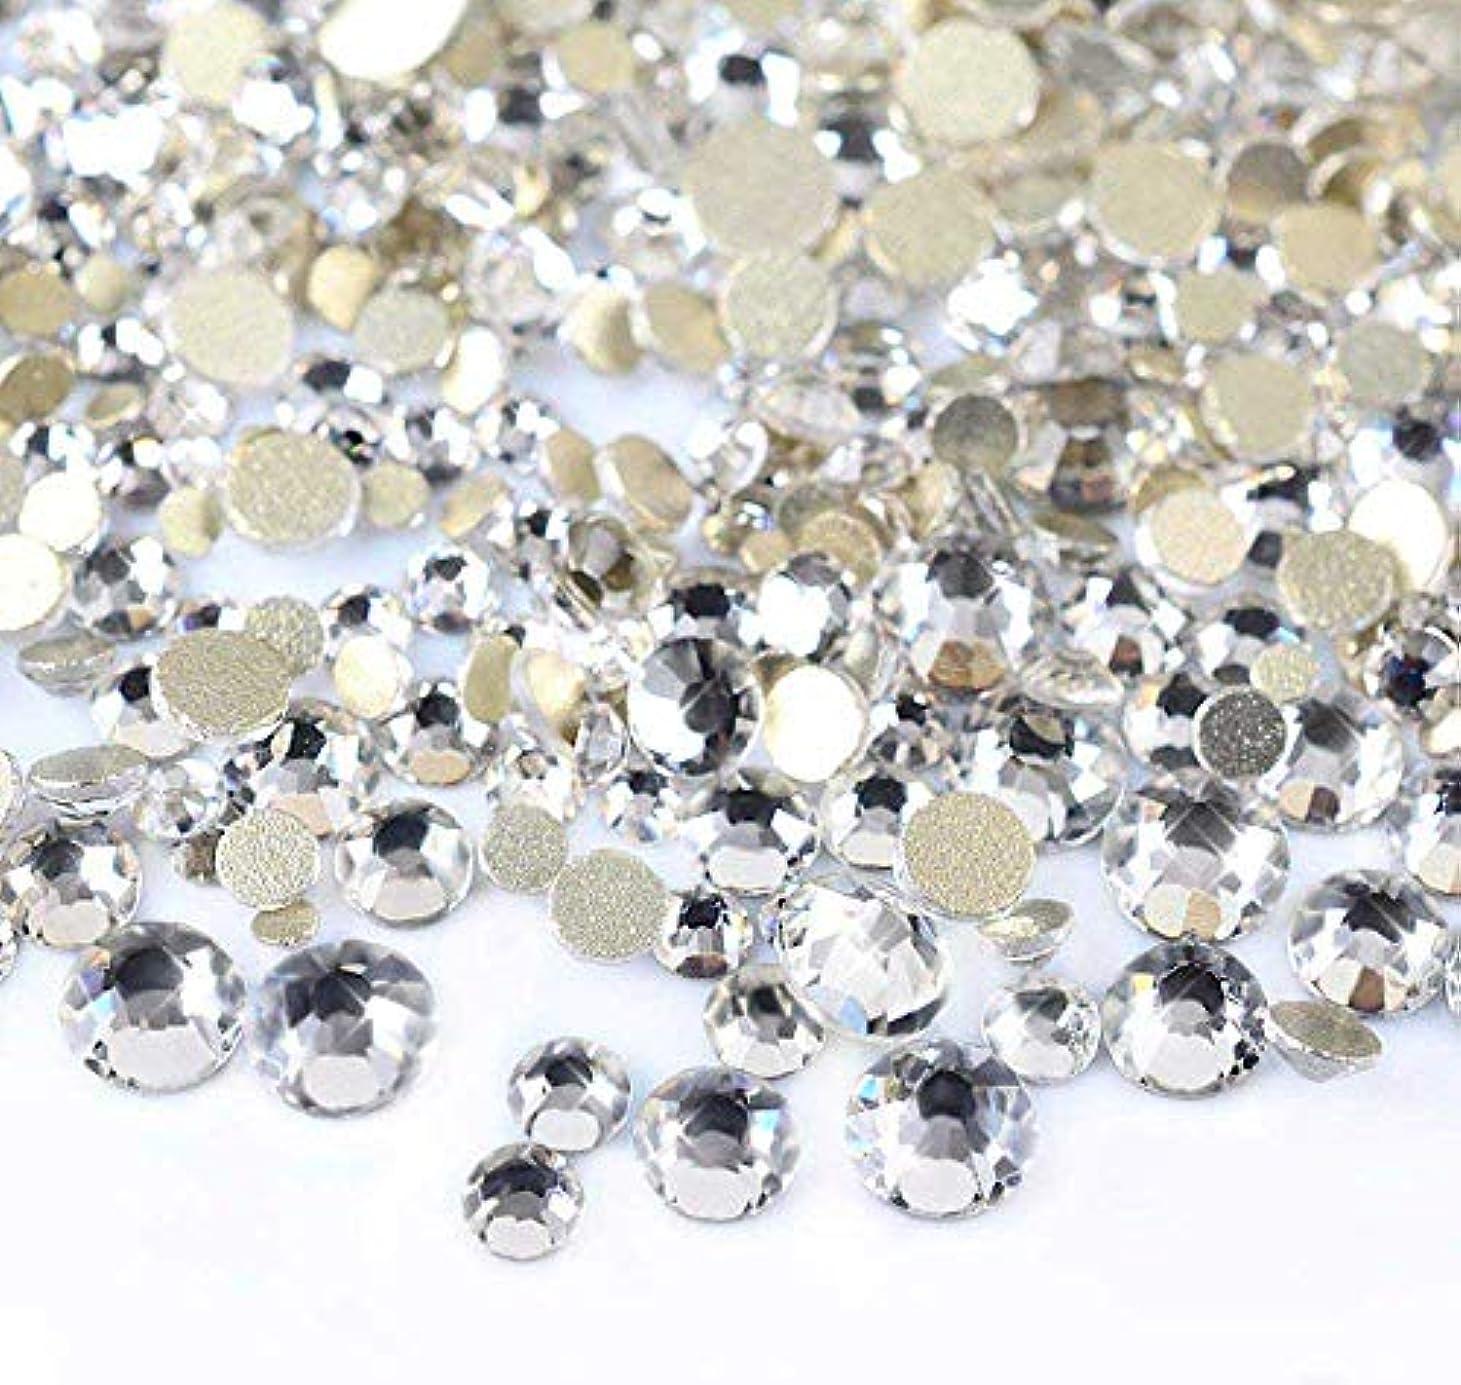 日光ペルメルホームレスTigre Amore ラインストーン ネイル用ストーン ガラス 製 大容量 5000粒 セット